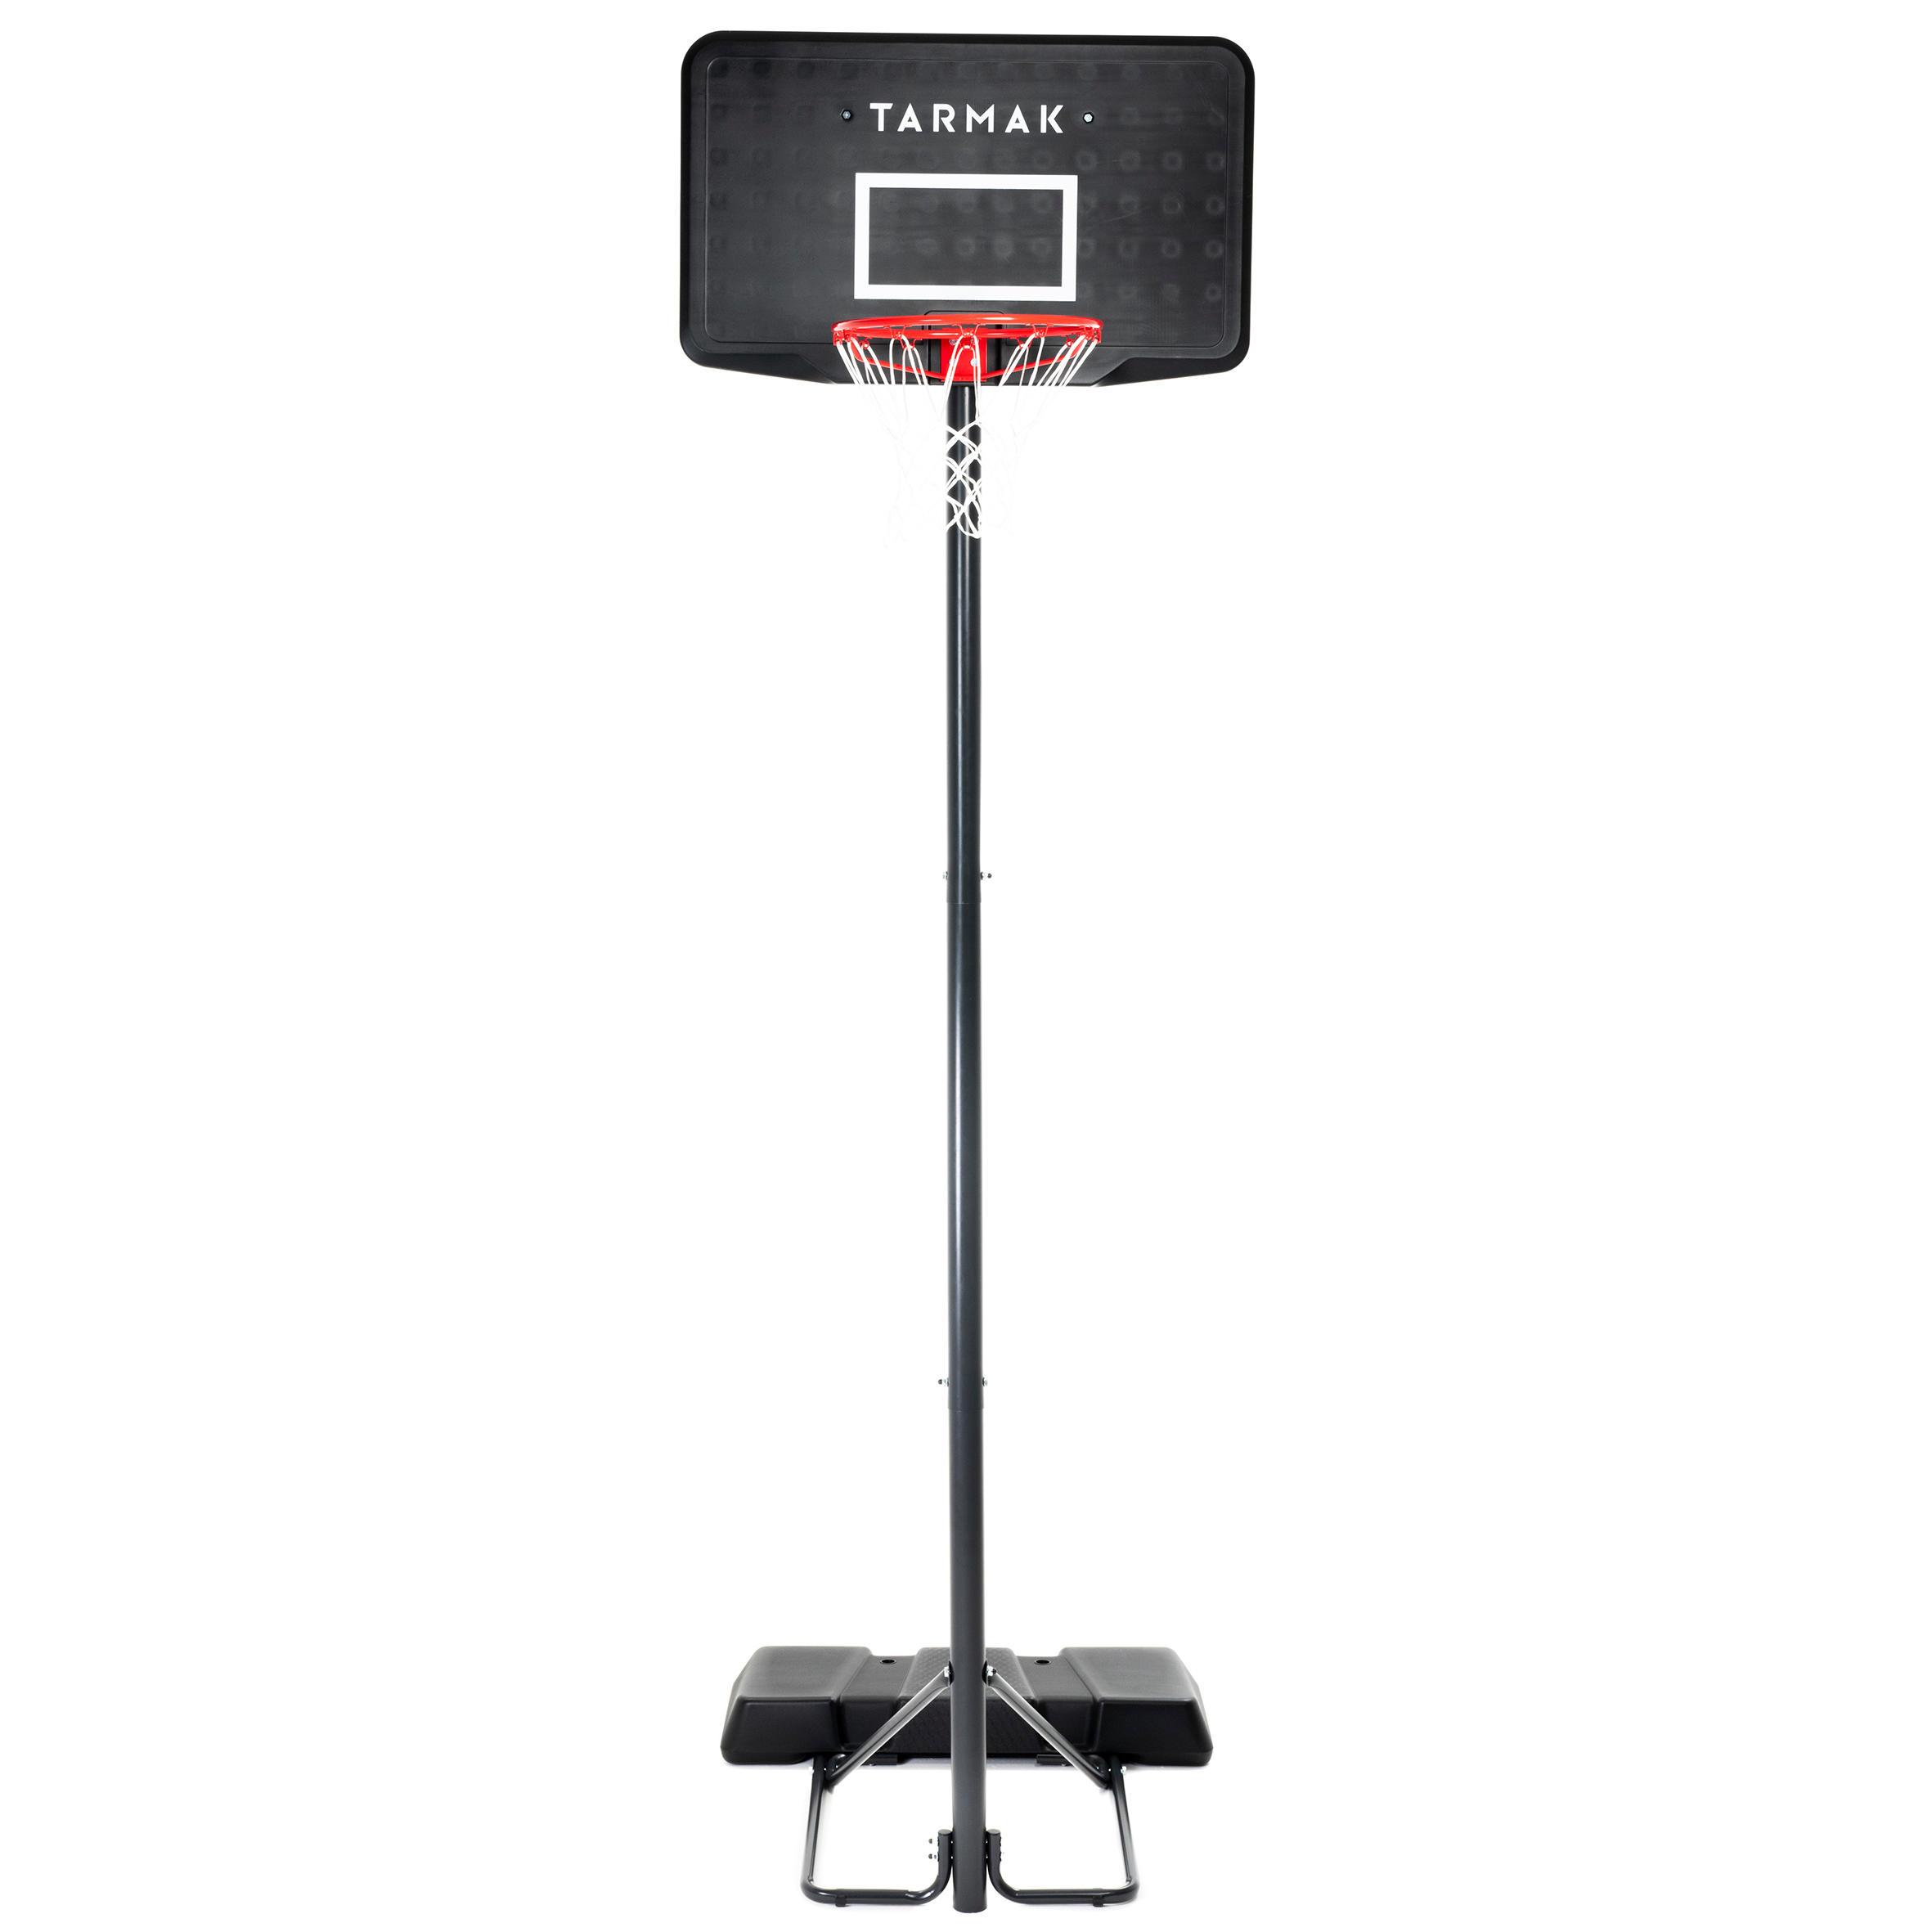 Canasta de Baloncesto B100 negro para niño y adulto. Se ajusta de 2,20 a 3,05 m.